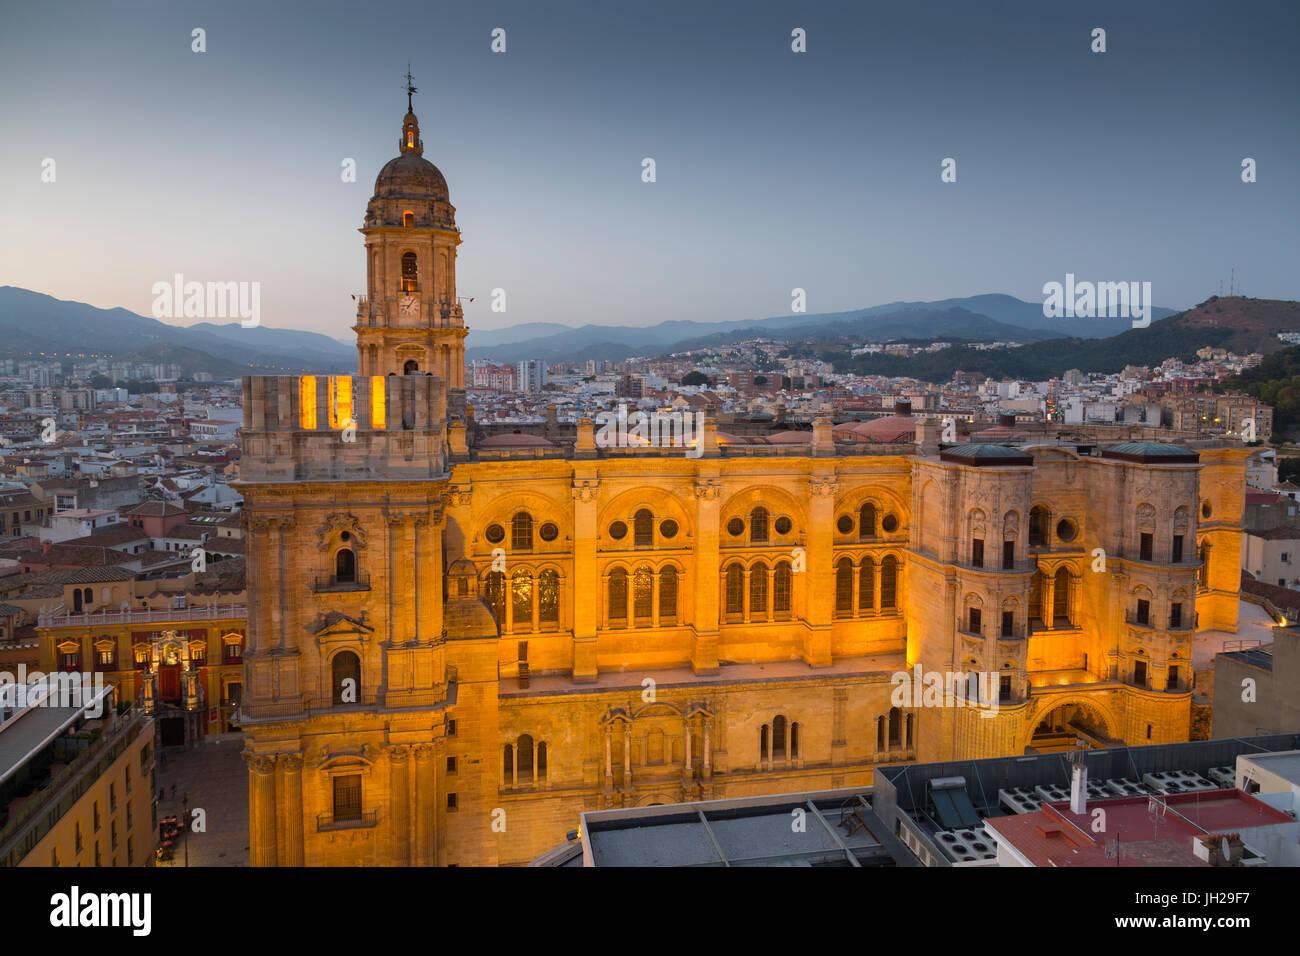 Visión de la Catedral de Málaga, al anochecer, Málaga, Costa del Sol, Andalucía, España, Imagen De Stock